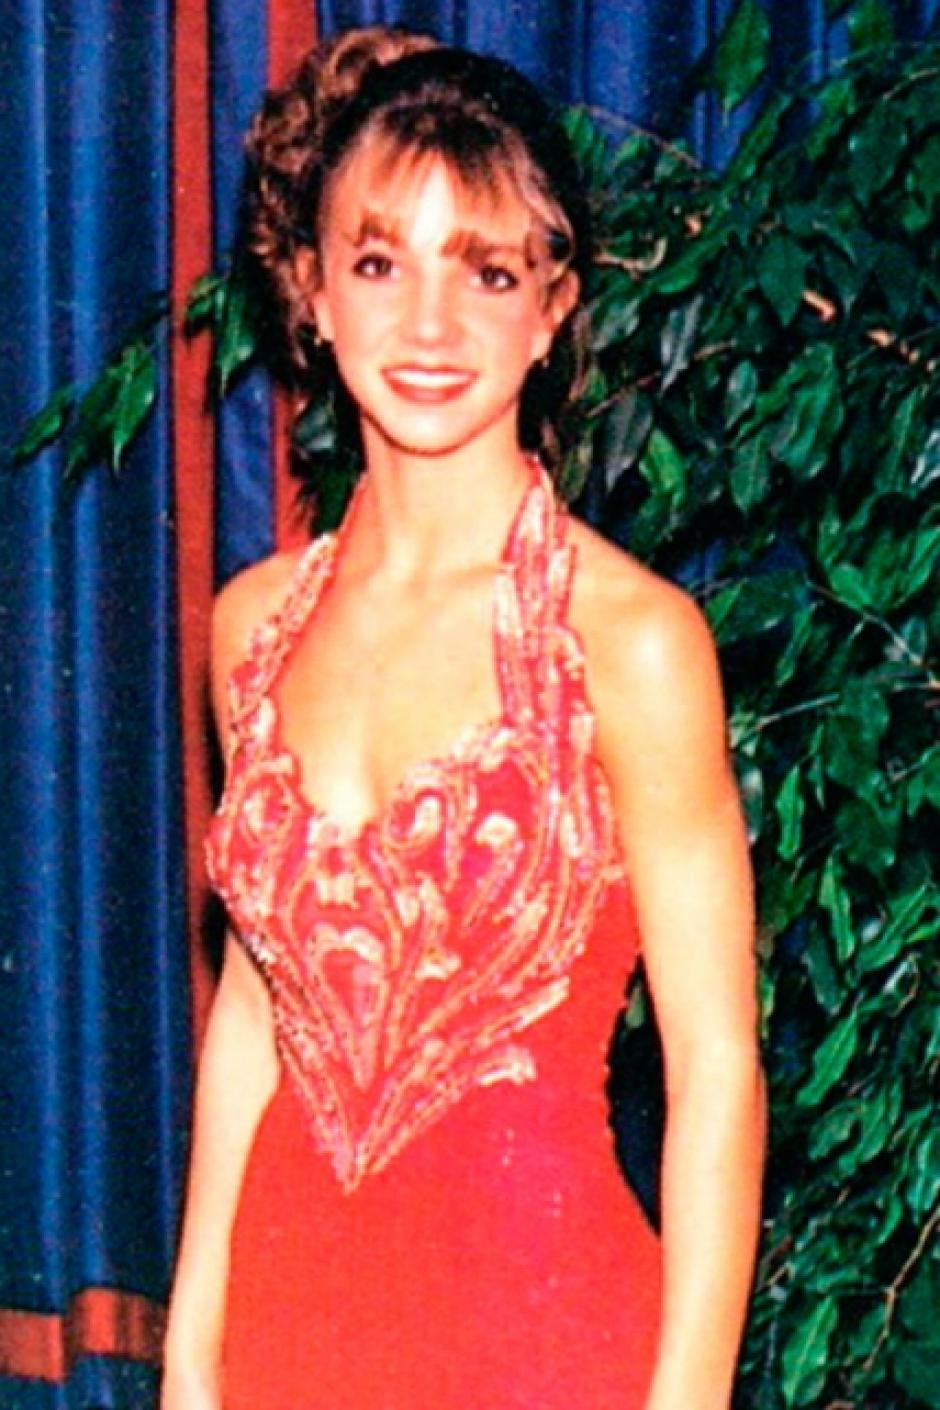 Britney Spears llevaba un vestido rojo con un largo escote. (Foto: El País)